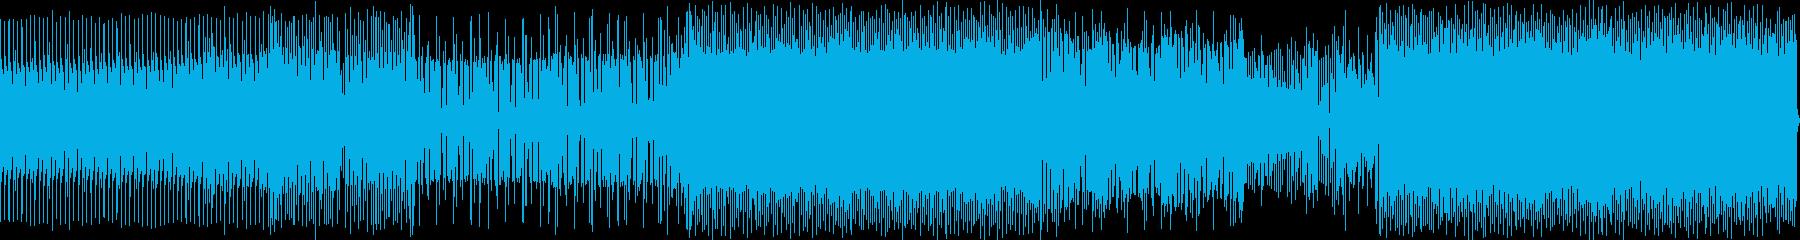 ファンキーで少し神秘的なミュージックの再生済みの波形